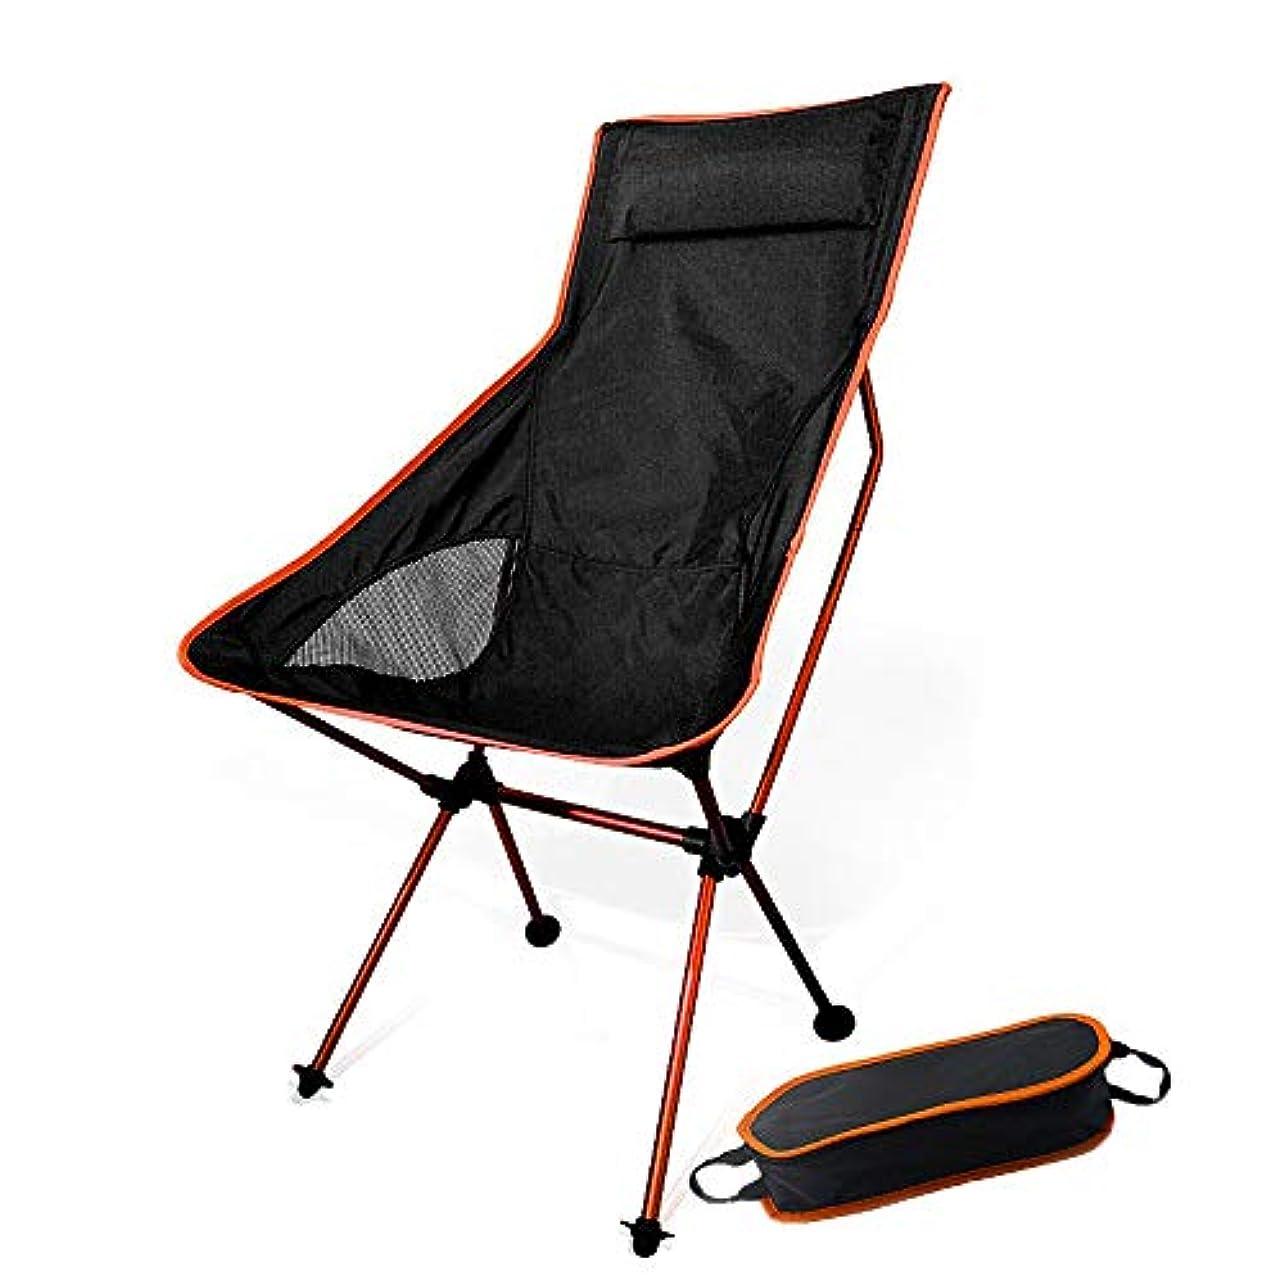 携帯用超軽量の折りたたみのキャンプチェア、ハイキング/旅行/狩猟/釣りのためのキャリーバッグが付いている屋外の拡張された折りたたみ余暇の椅子ビーチチェア、最大100KGまで,Orange